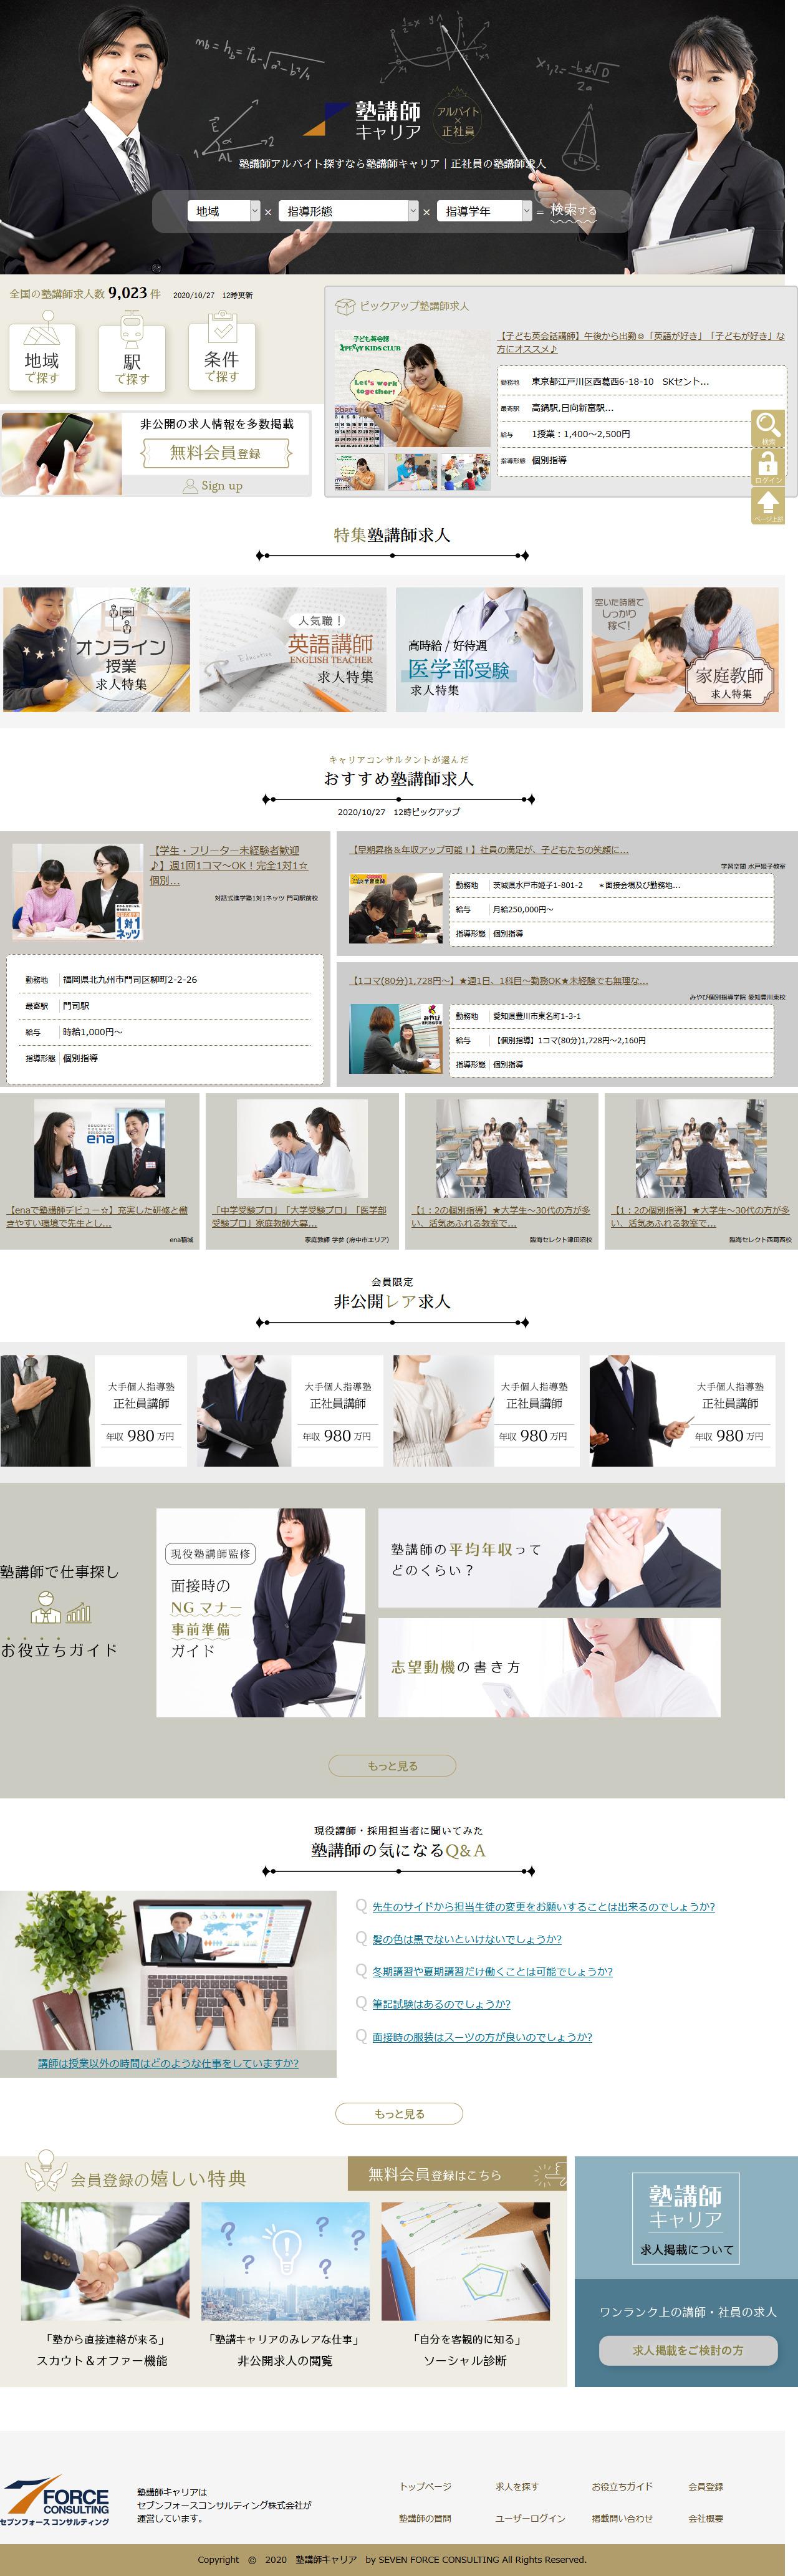 ホームページ制作実績塾講師の専門求人ポータルサイト「塾講師キャリア」